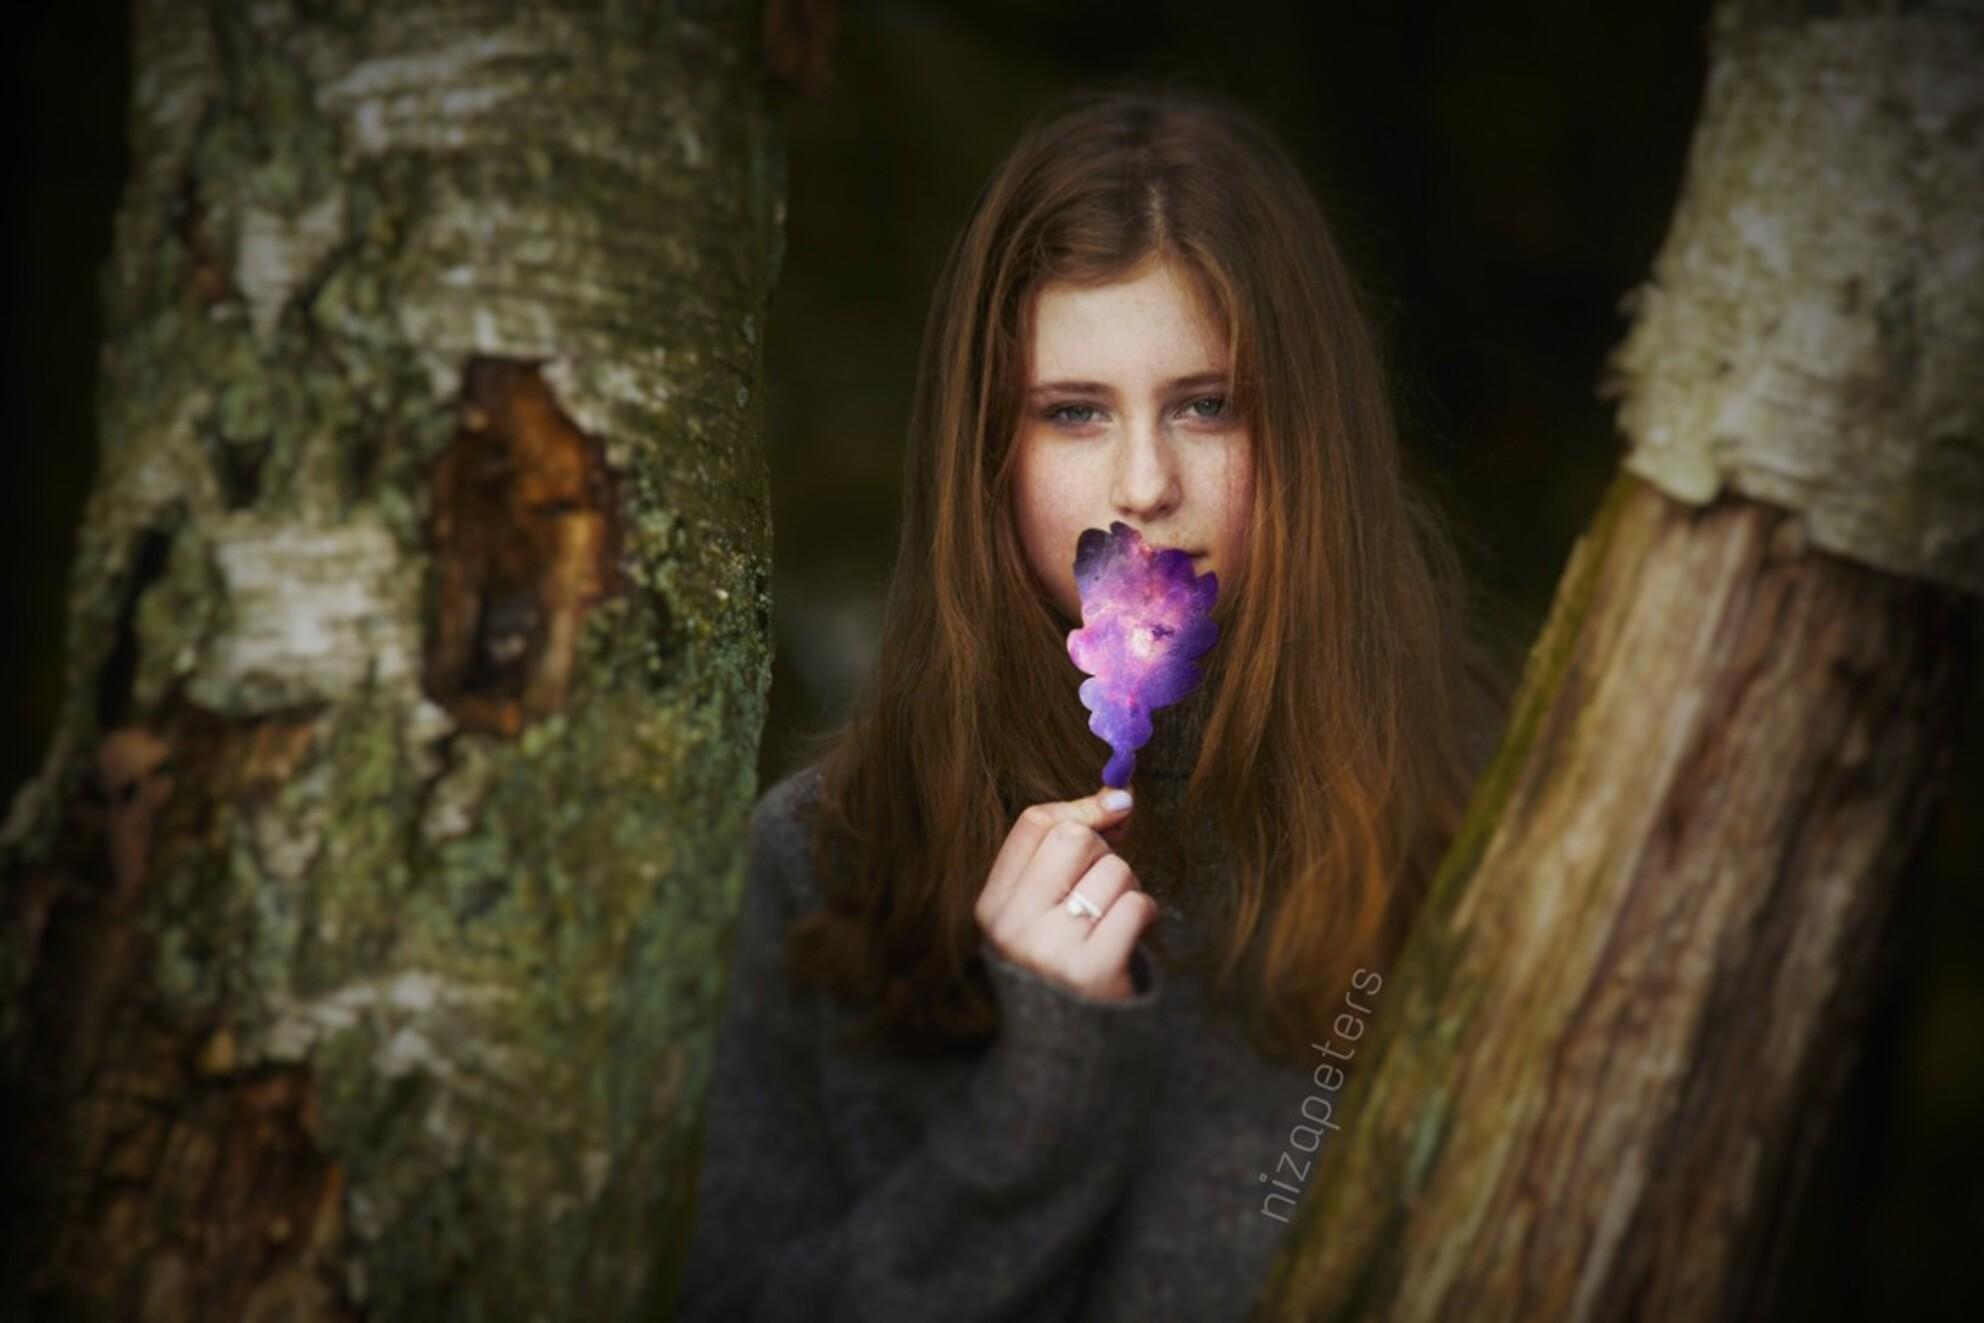 herfst sfeer - De herfst - foto door nizapeters op 30-11-2015 - deze foto bevat: natuur, structuur, fantasie, bewerking, sfeer, contrast, creatief, bewerkingsuitdaging, picsart - Deze foto mag gebruikt worden in een Zoom.nl publicatie